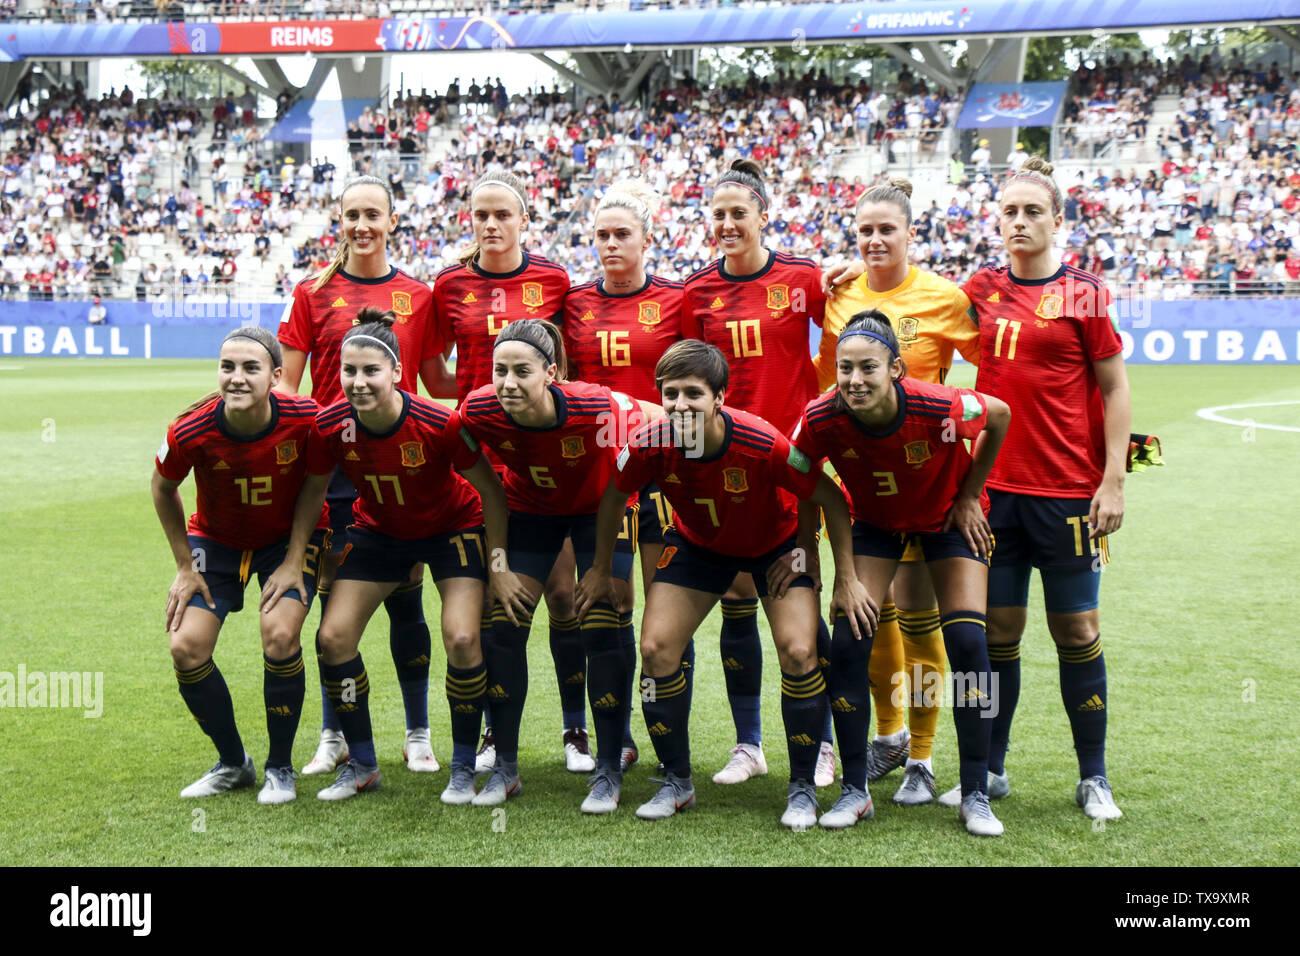 Junio 24, 2019 - España Equipo, durante la Francia de 2019 Mujeres de la Copa del Mundo en octavos de final del partido de fútbol entre España y EE.UU., el 24 de junio de 2019, en el estadio Auguste-Delaune en Reims, en el norte de Francia. (Crédito de la Imagen: © Elyxandro CegarraZUMA Wire) Imagen De Stock